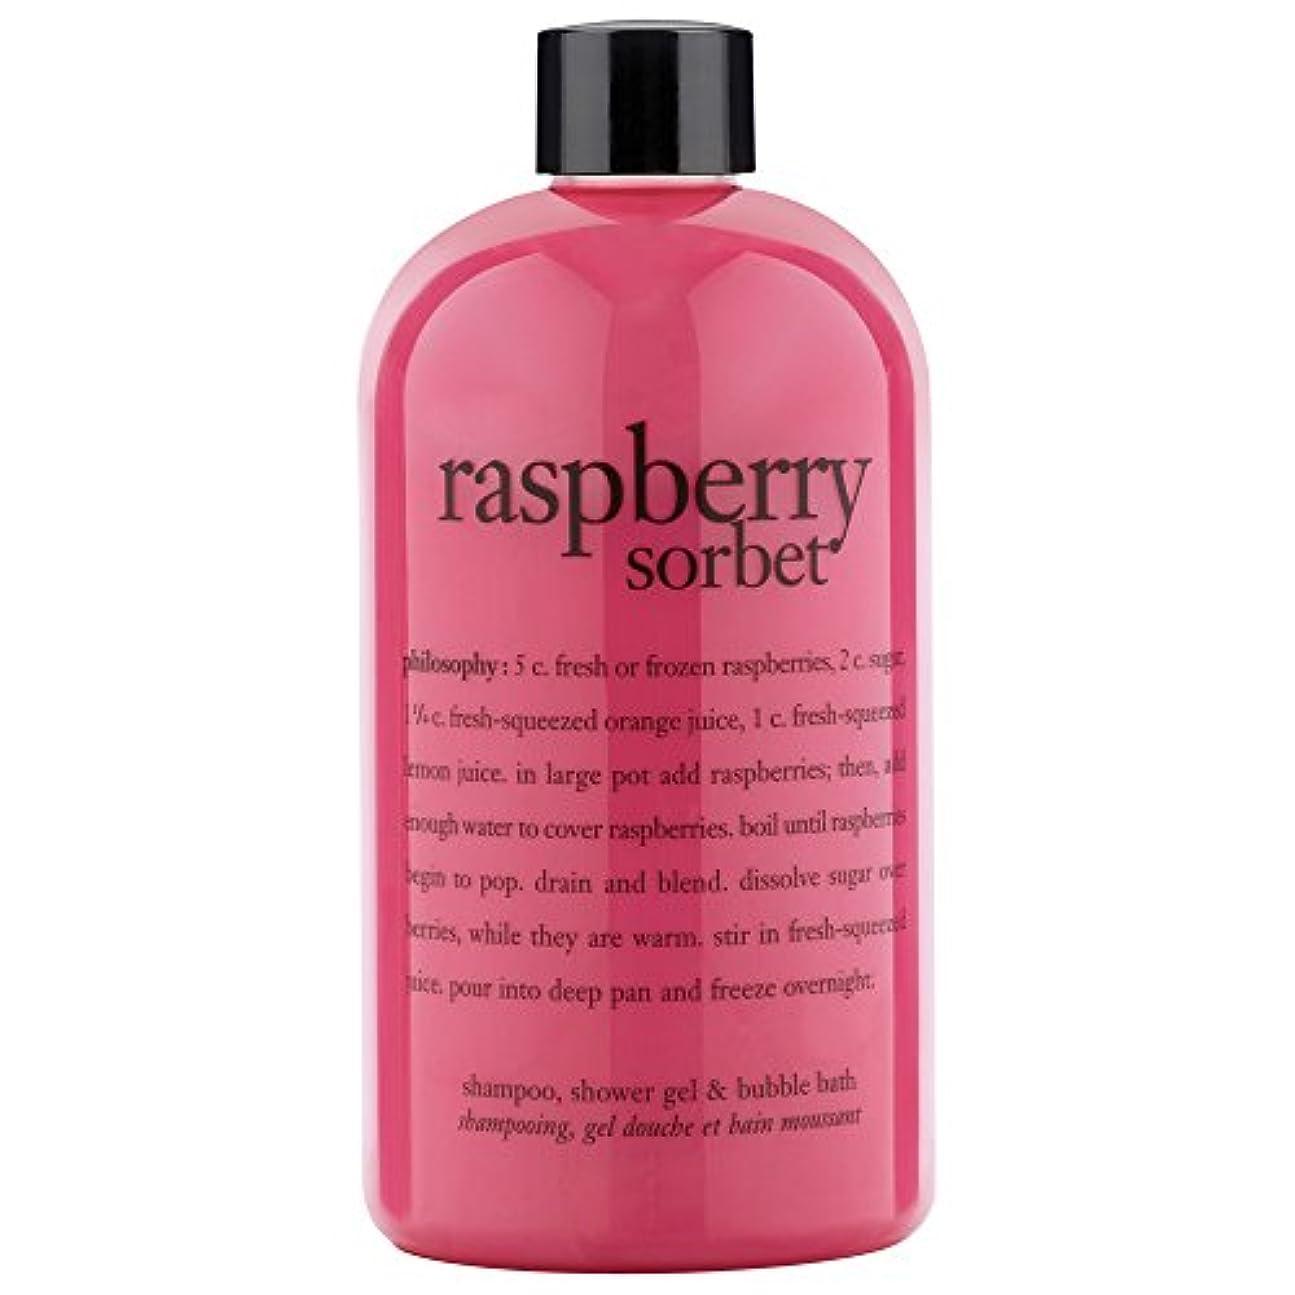 符号差メアリアンジョーンズ哲学ラズベリーシャワージェル480ミリリットル (Philosophy) - Philosophy Raspberry Shower Gel 480ml [並行輸入品]